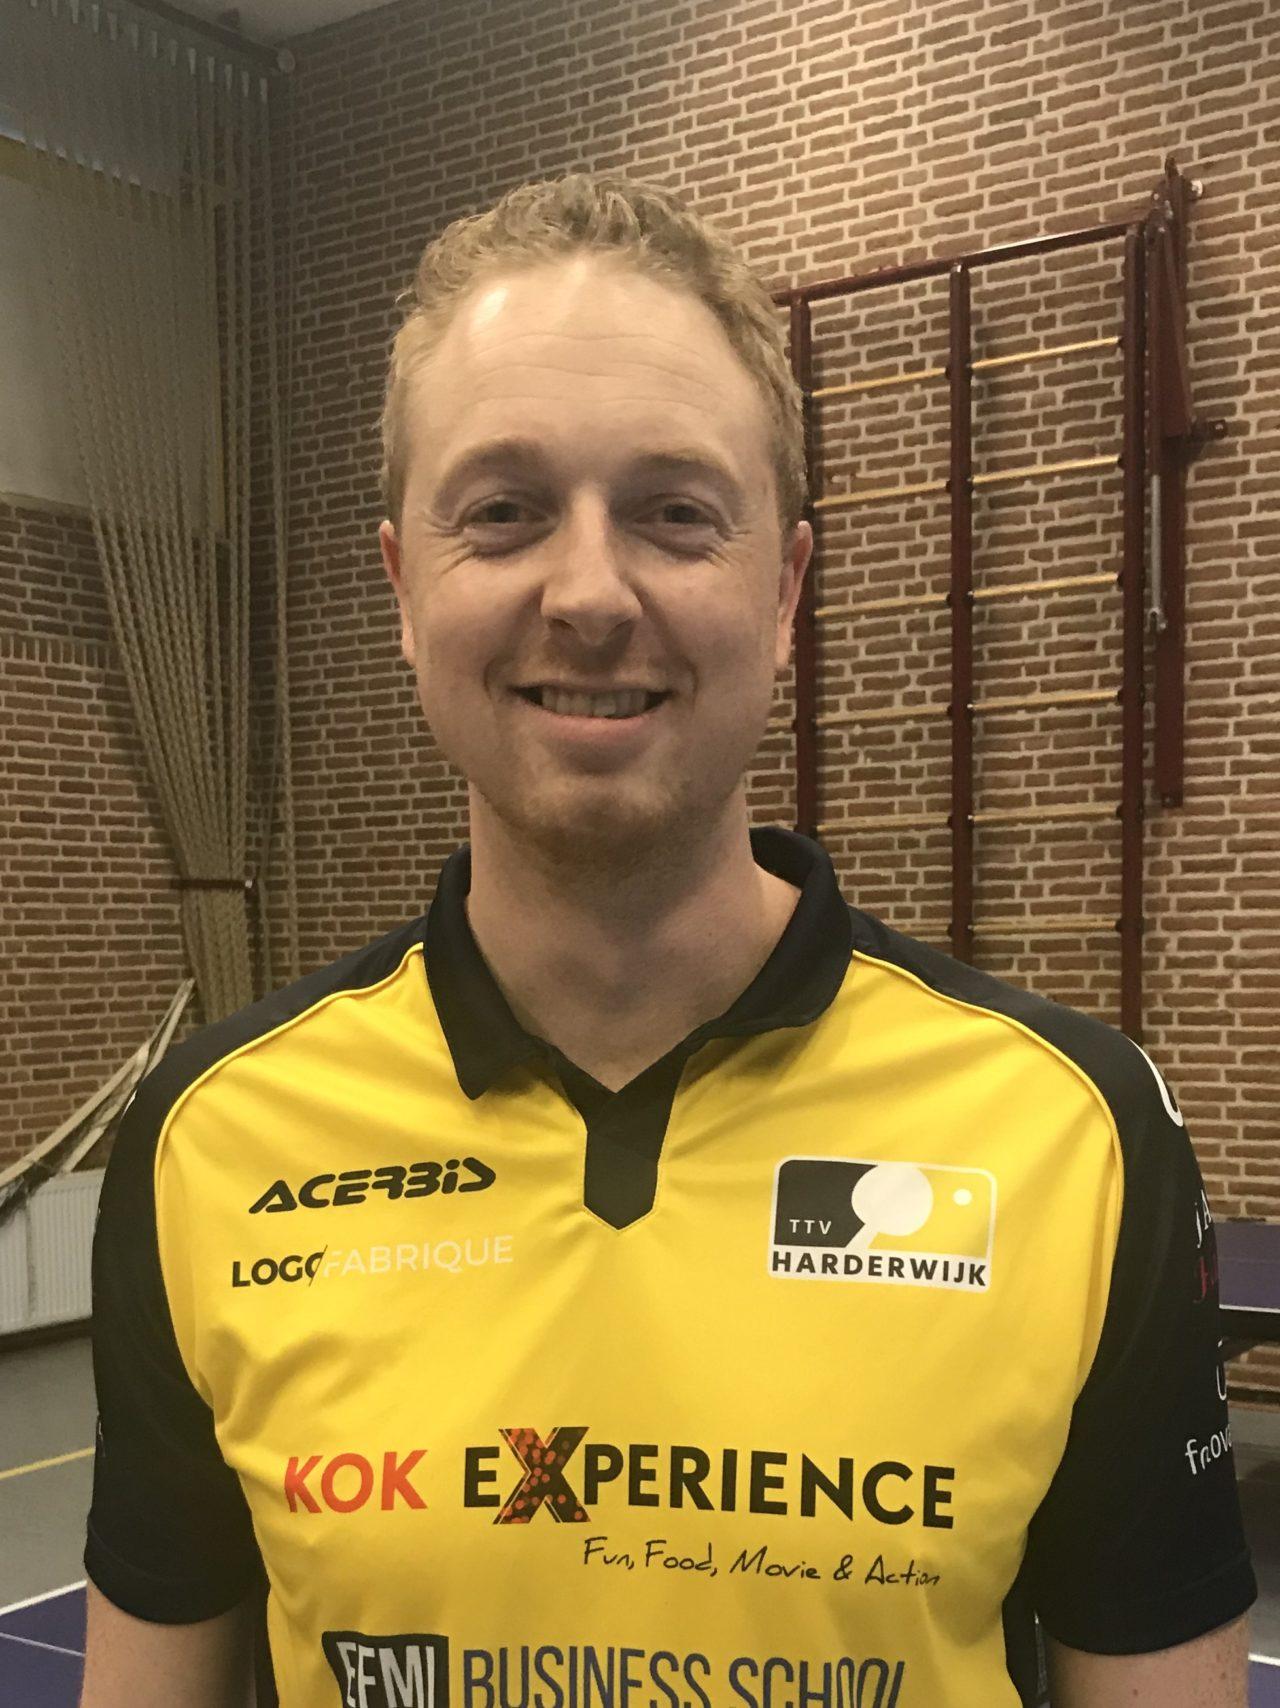 Chris van der Leij | TTV Harderwijk